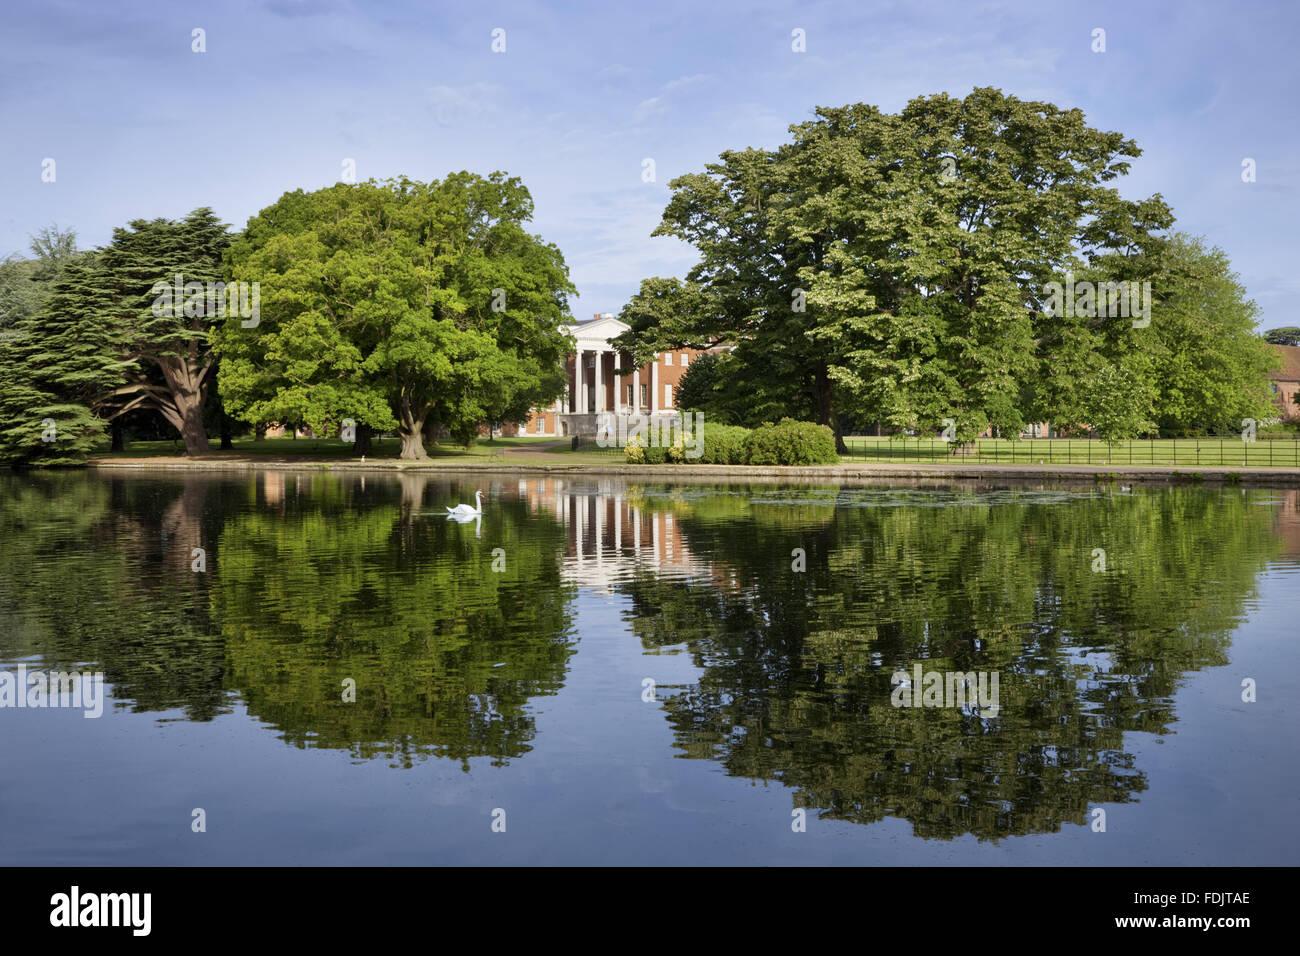 Vistas del lago hacia el frente oriental con el 'Transparente' pórtico en Osterley, Middlesex. La casa Isabelina, Foto de stock